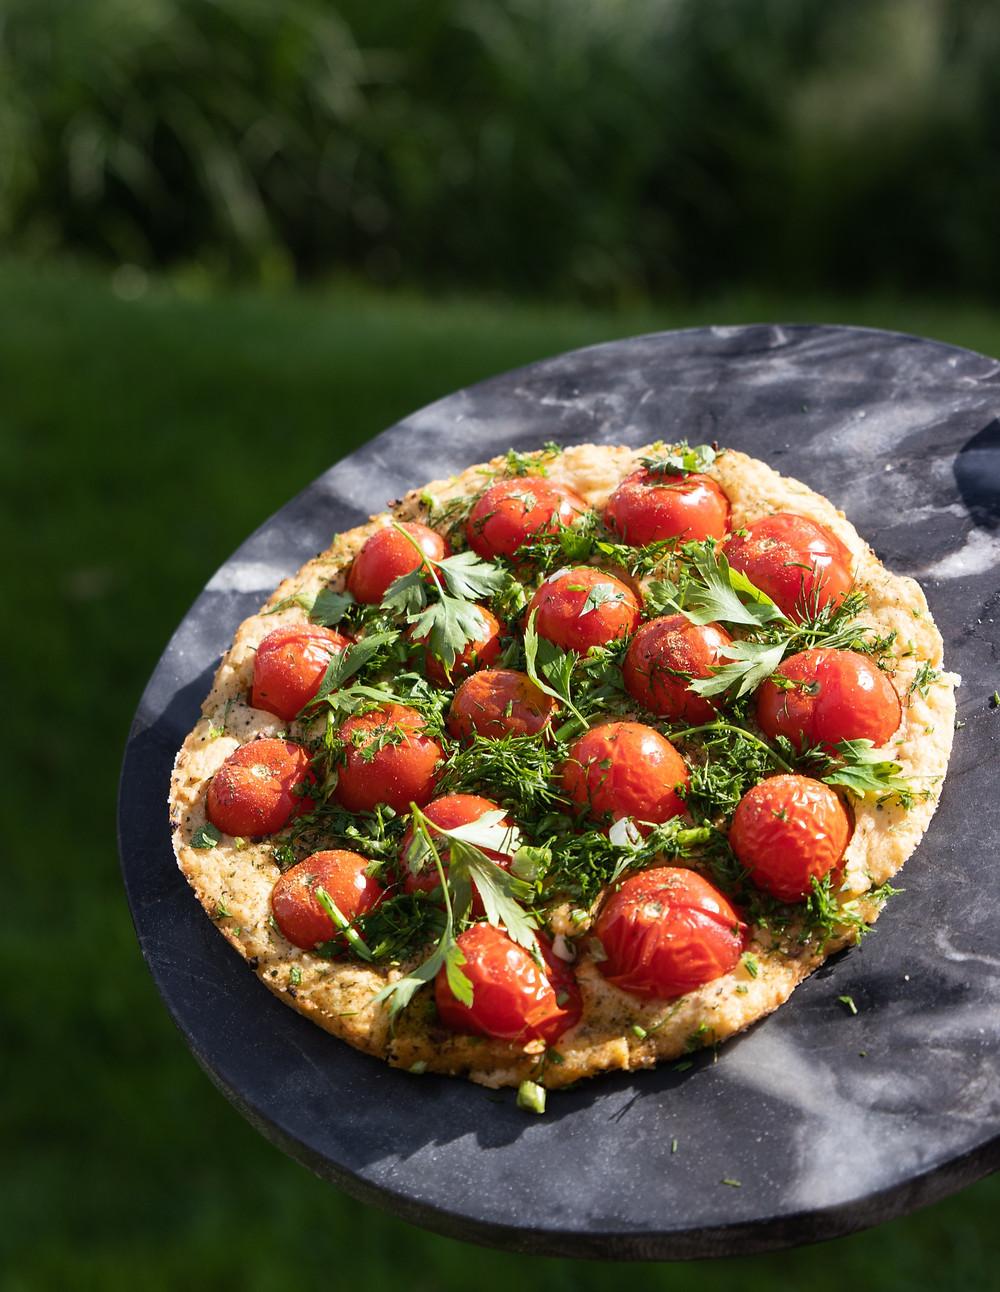 Pomidorų pyragas, pyragas su pomidorais, grilio patiekalai, Alfo receptai